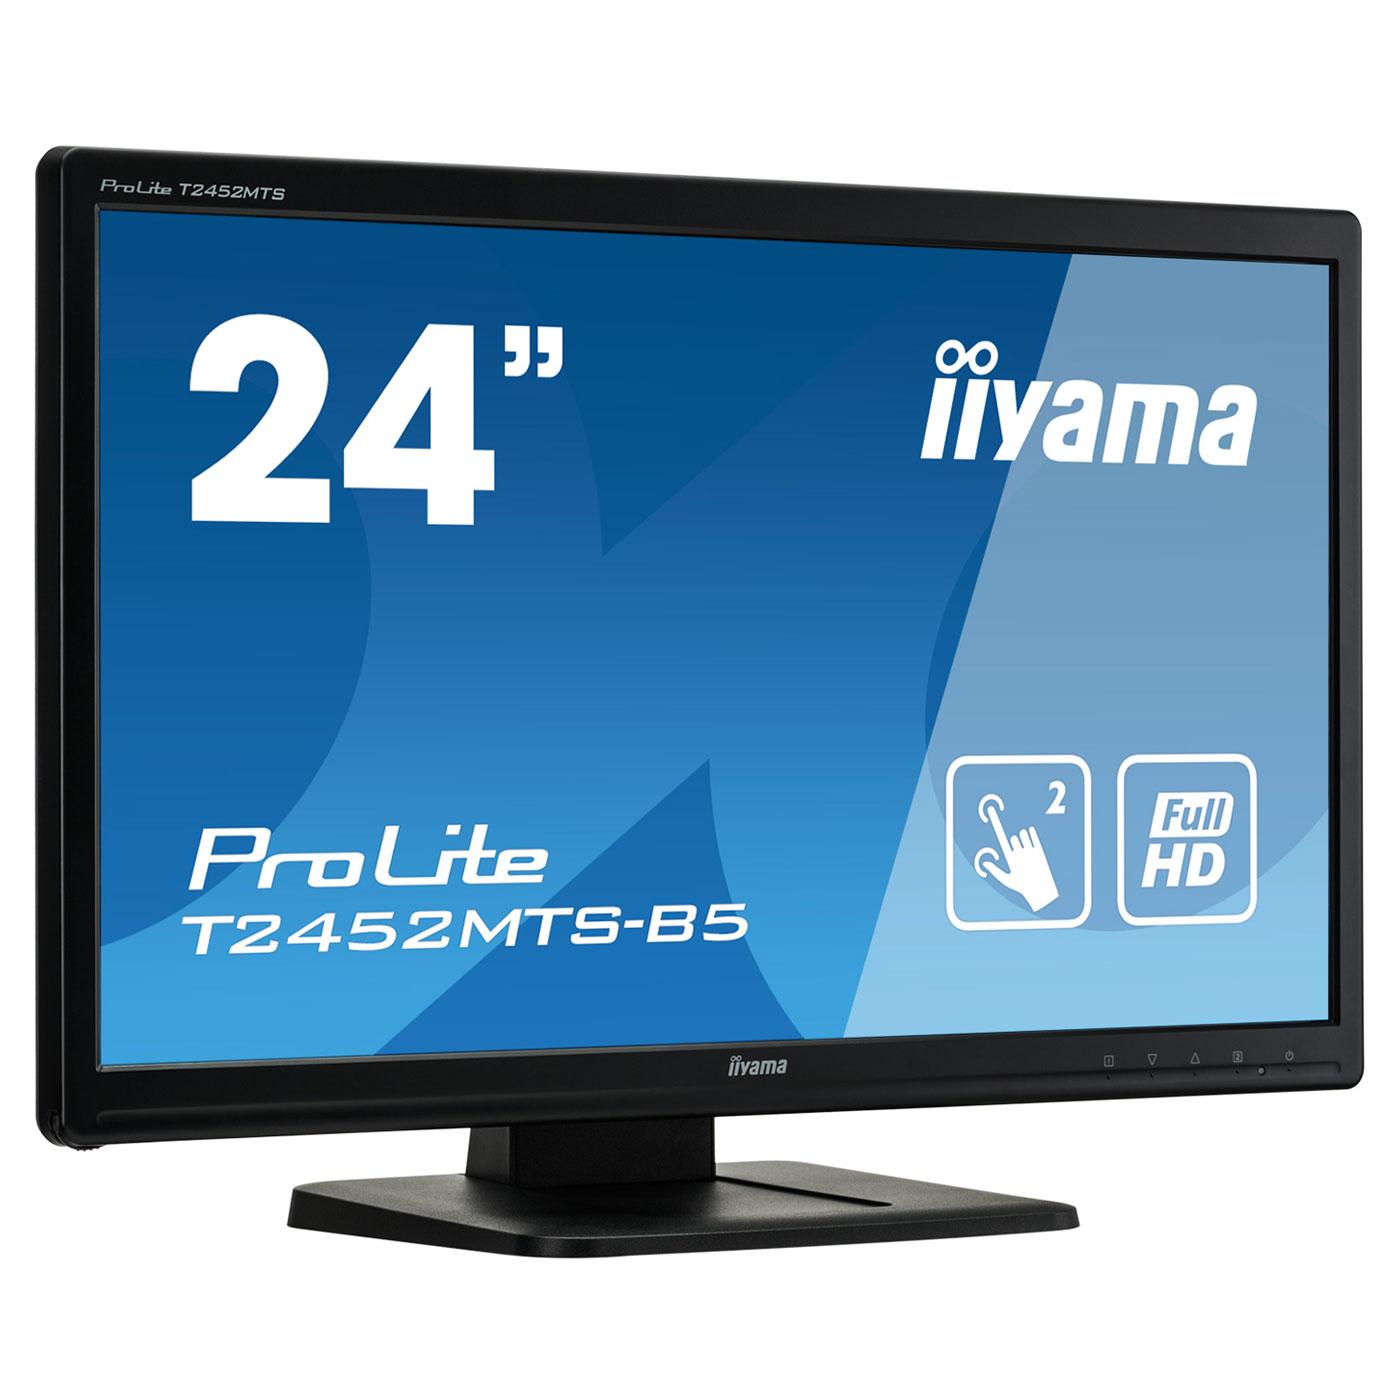 """Iiyama 24""""  T2452MTS-B5 - Ecran PC Iiyama - Cybertek.fr - 4"""